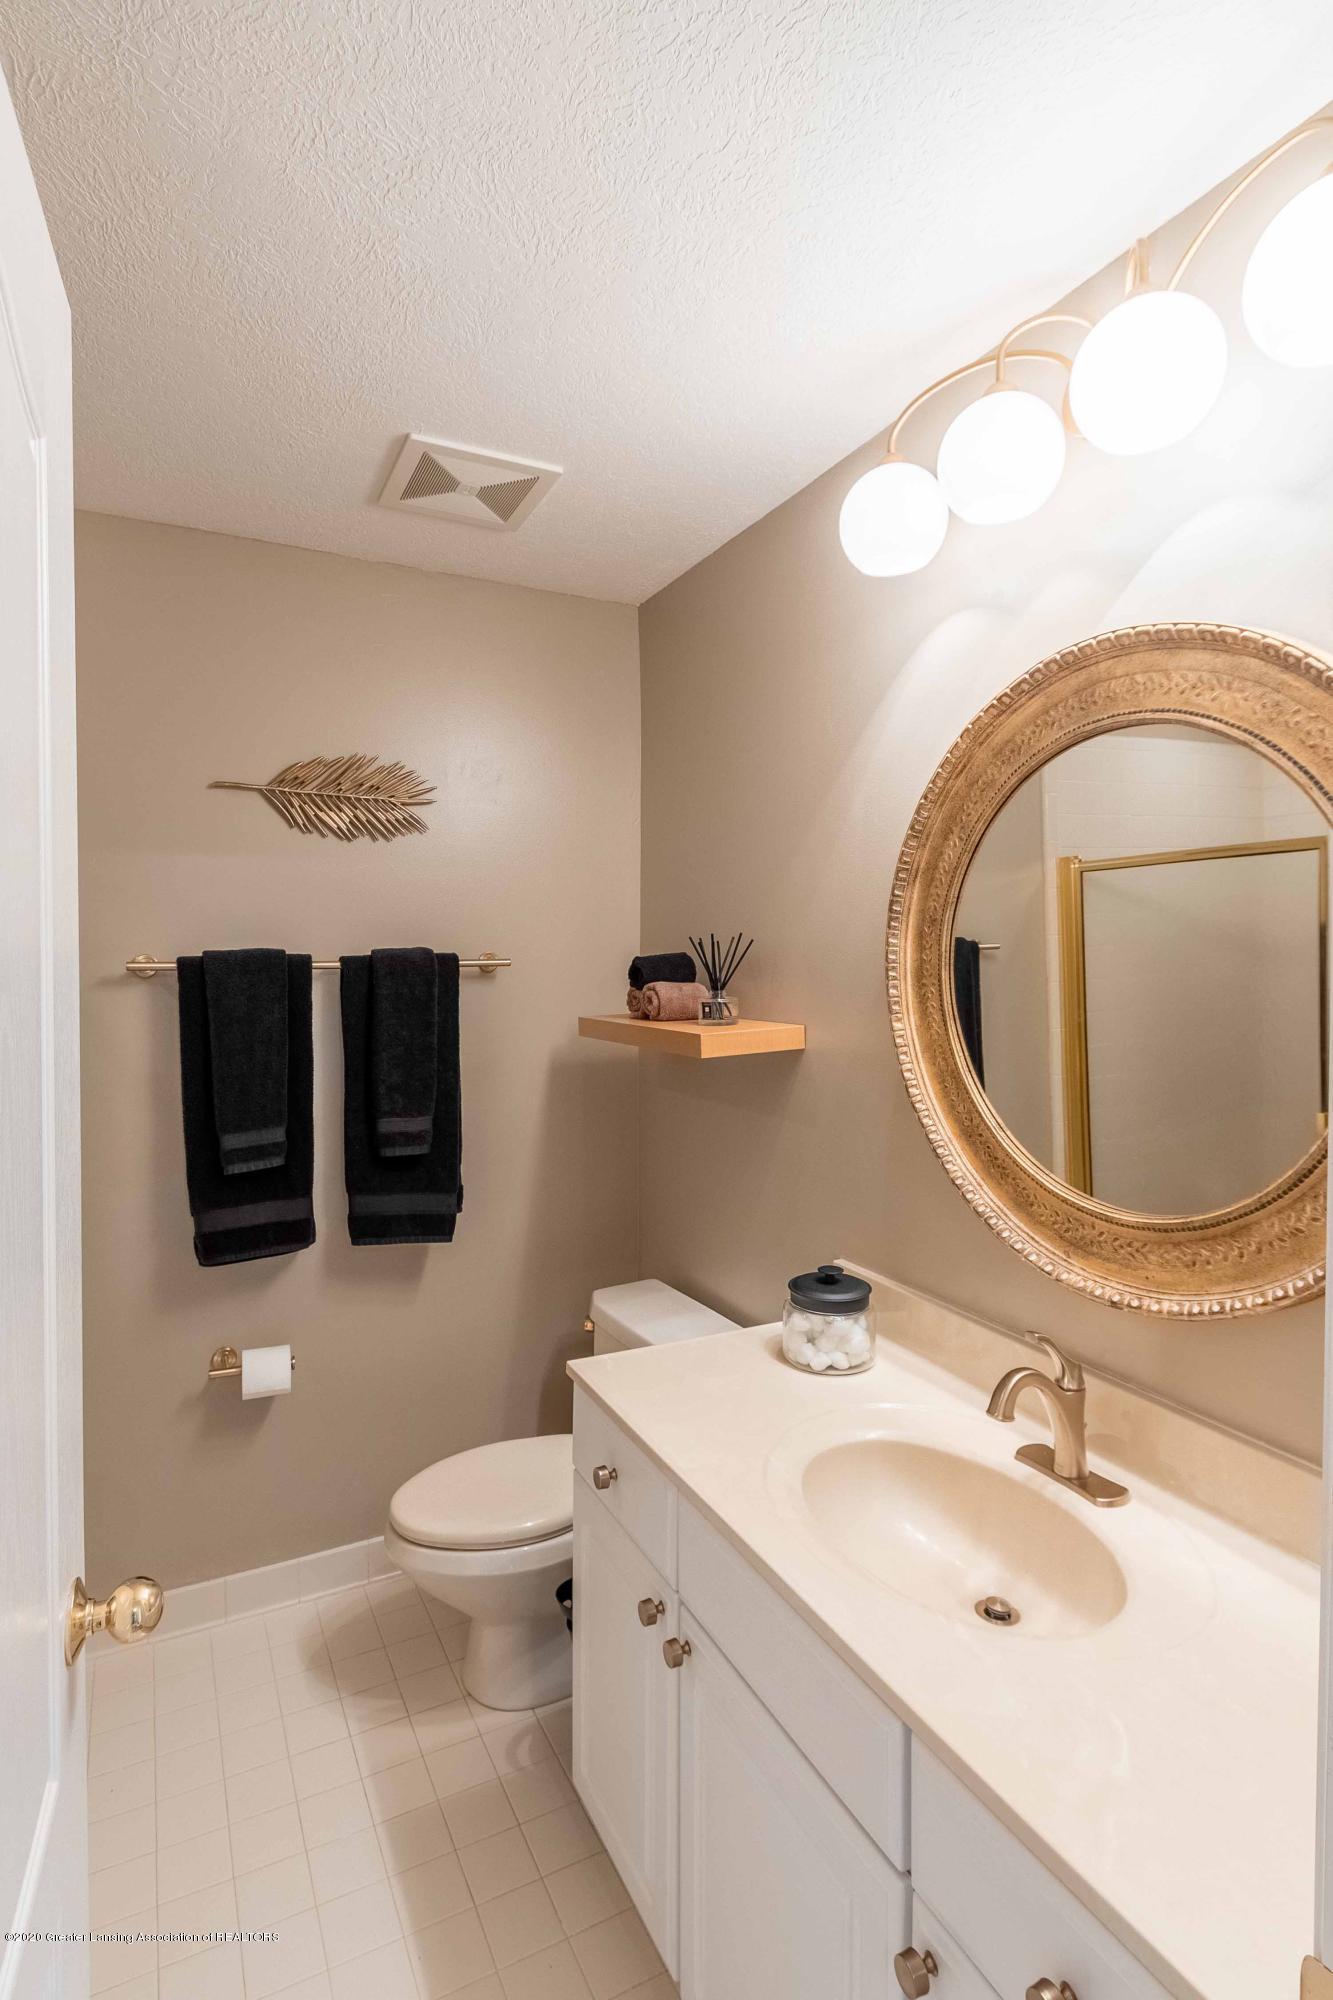 3631 Beech Tree Ln - 3631 Beech Tree 2nd Floor Full Bath - 39